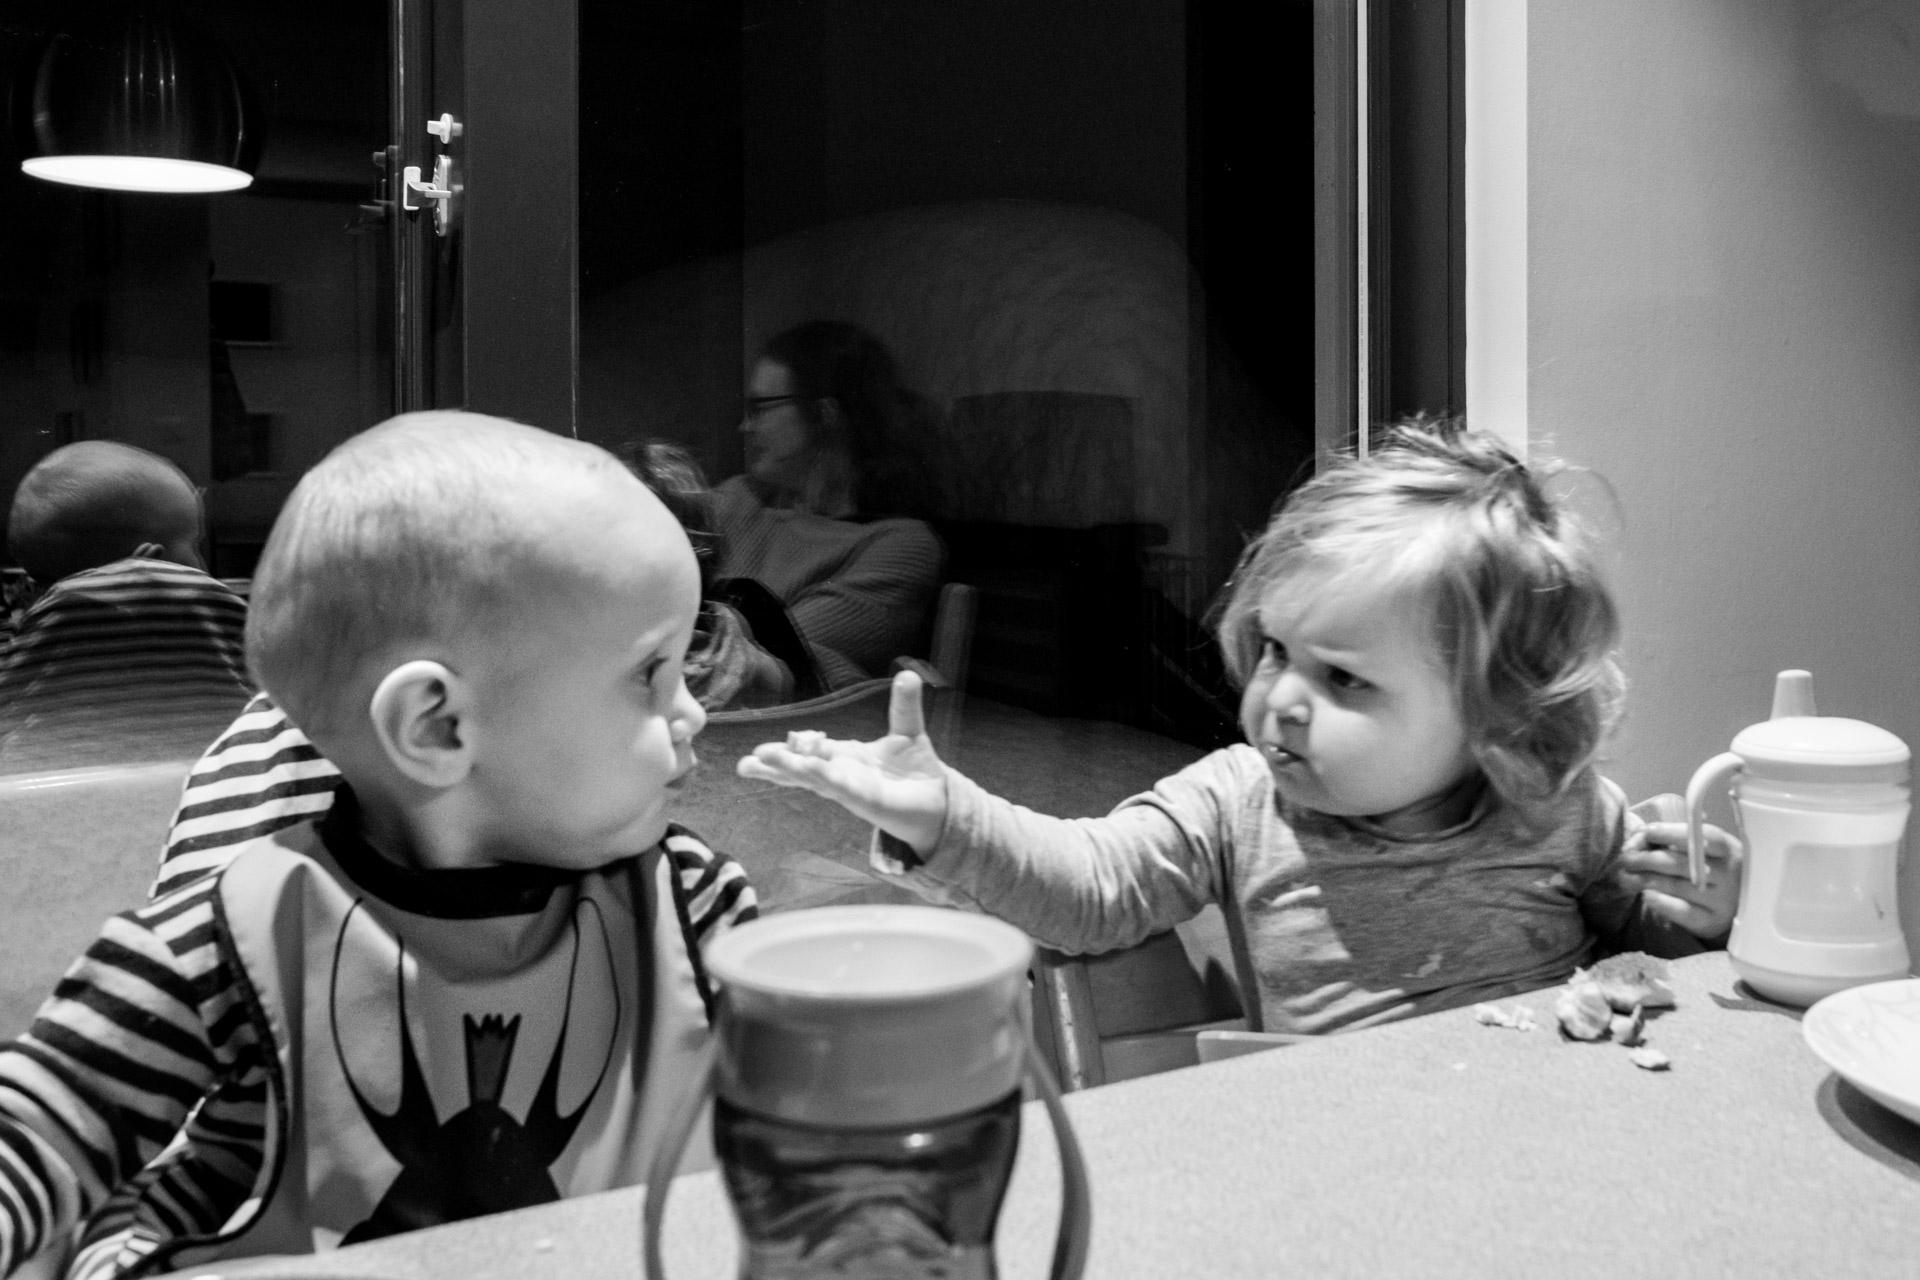 To små barn sitter ved spisebordet. De har en tydelig kontakt ved å se på hverandre og med kroppsspråk. På bordet ser vi tutekoppene deres.